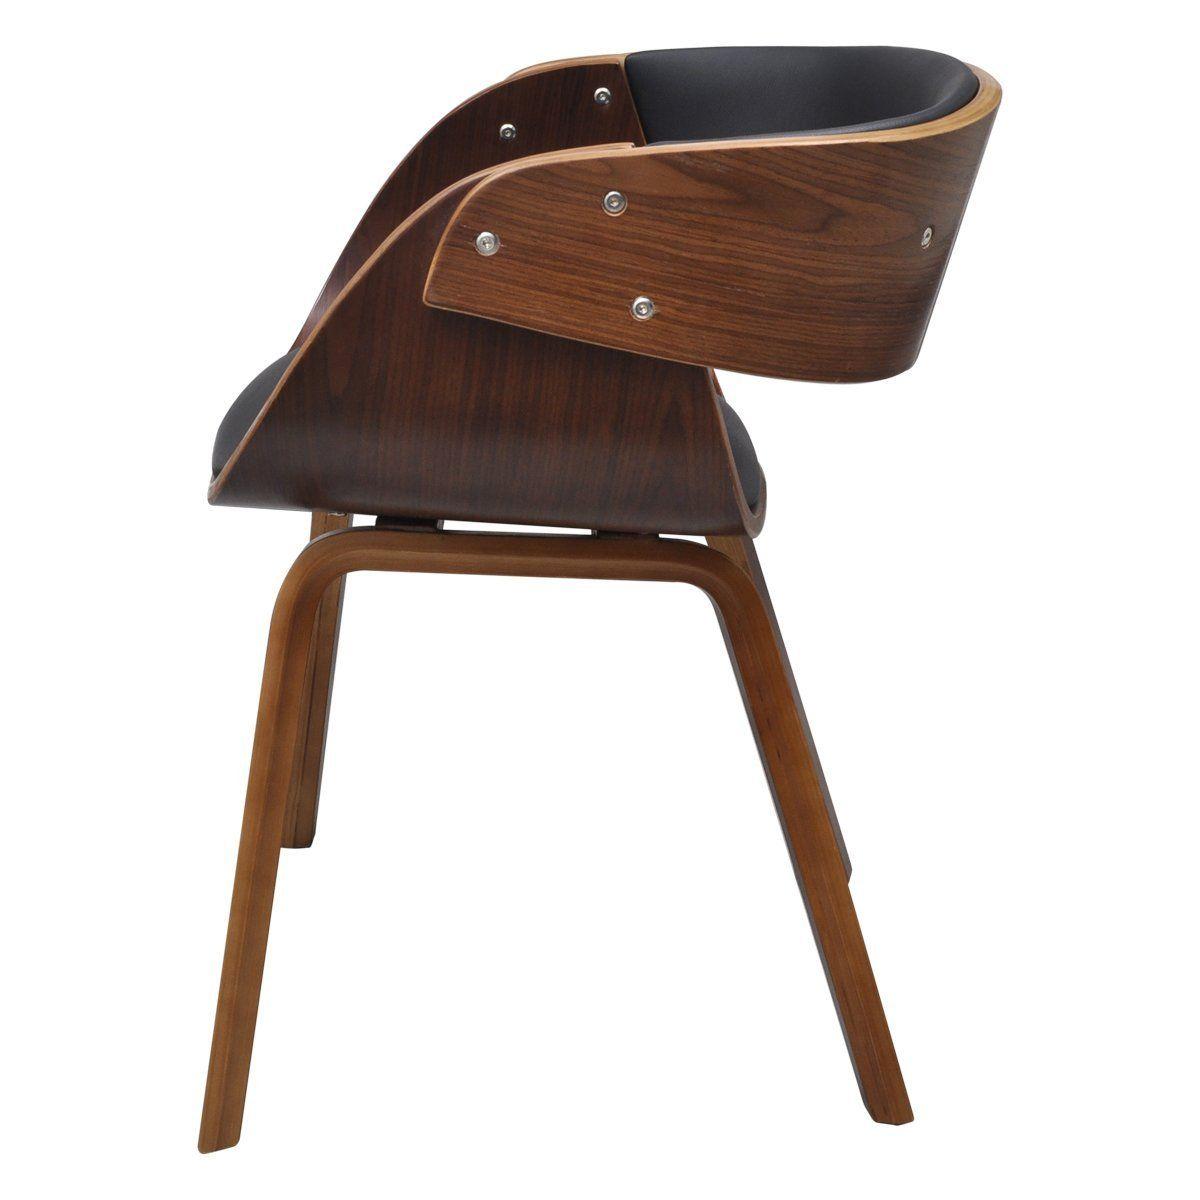 Esszimmer Stuhl Stühle Sessel Esszimmerstühle Holzrahmen braun ...